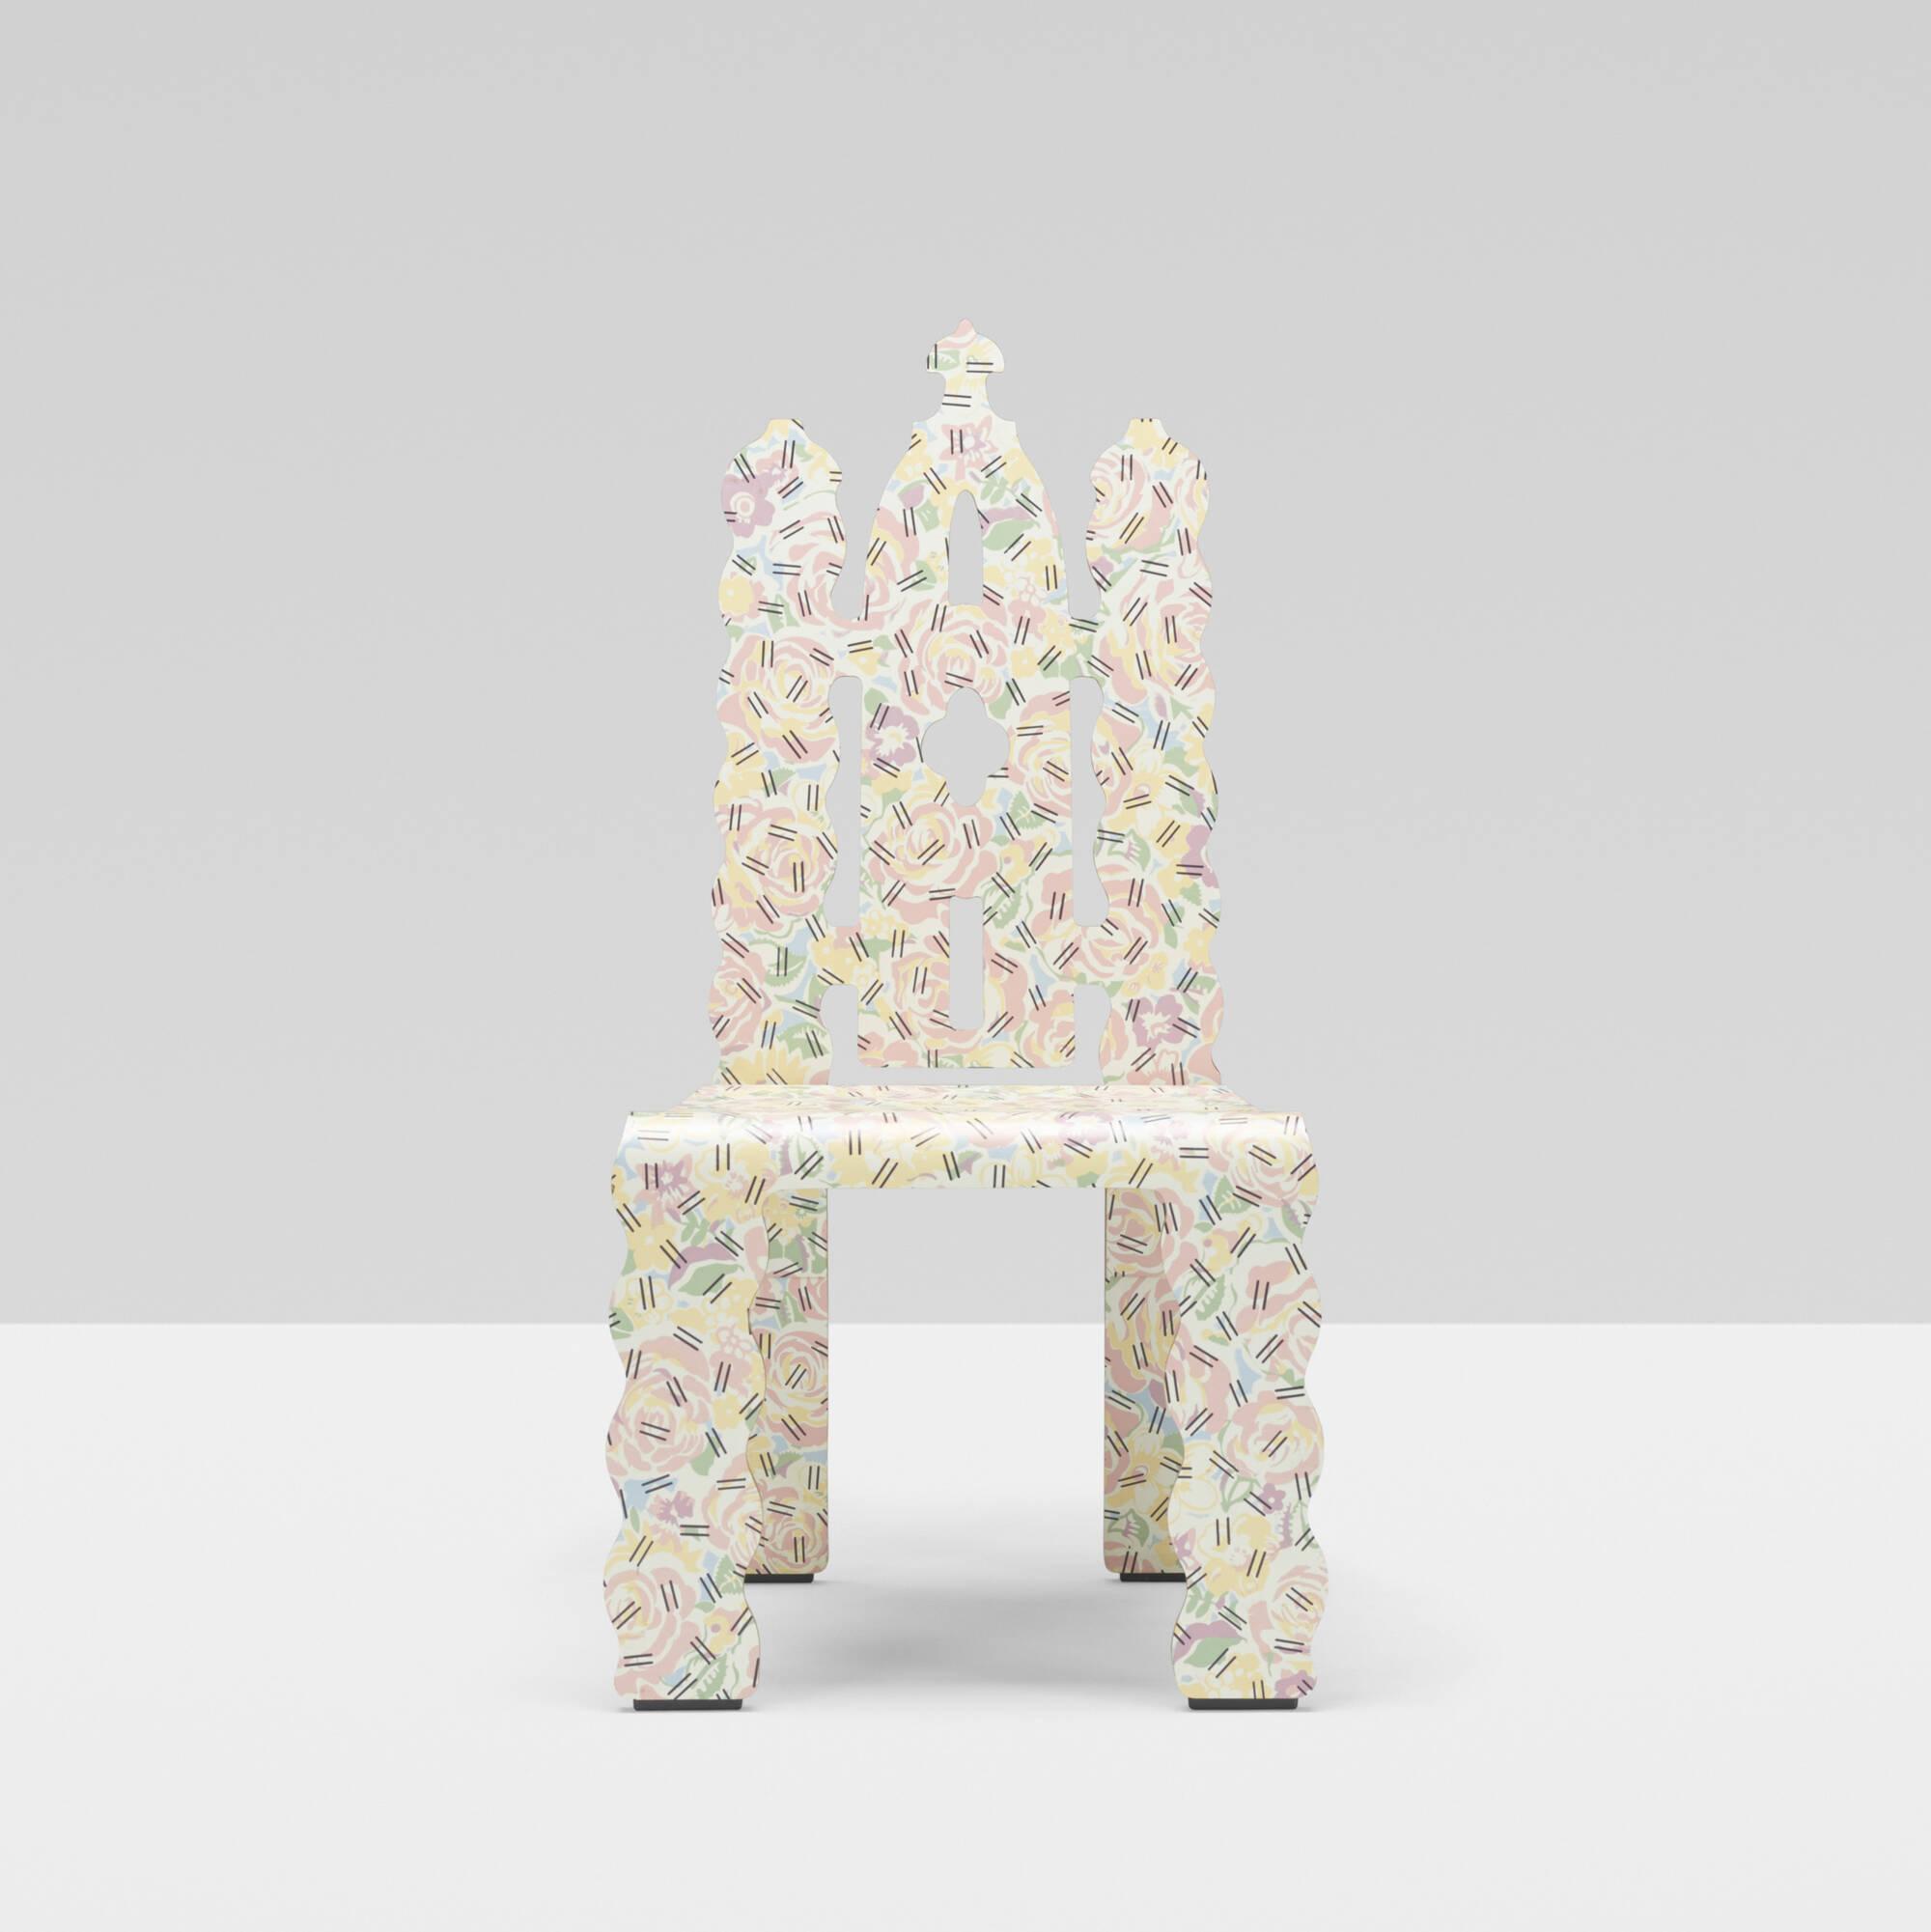 219 Robert Venturi with Denise Scott Brown / Gothic Revival chair (1 of 4 & 219: ROBERT VENTURI WITH DENISE SCOTT BROWN Gothic Revival chair ...